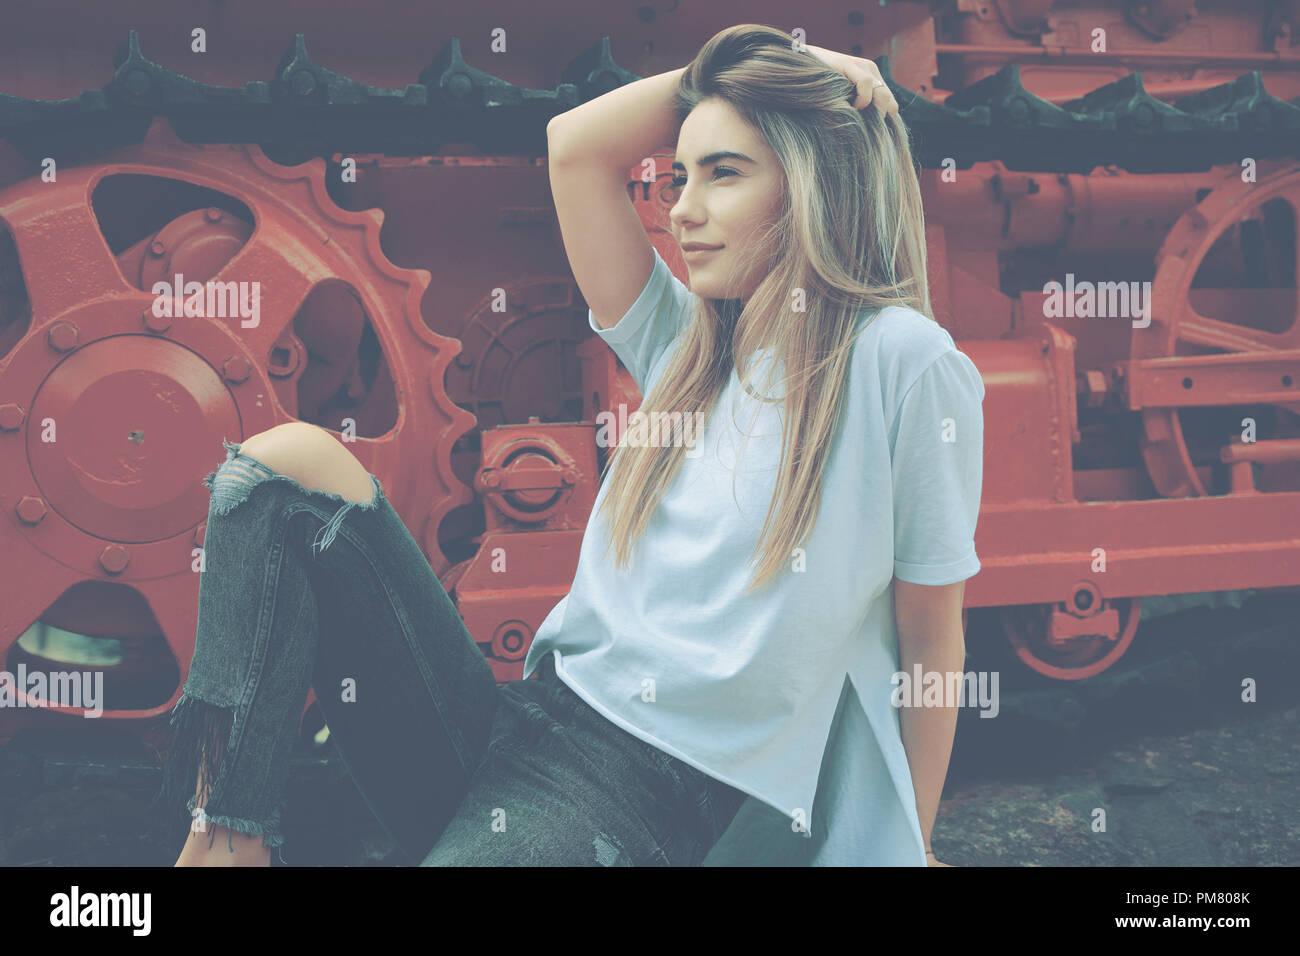 c01b6ef9b281 Eine junge Frau, die in einer zwanglosen eleganten zerrissene Jeans und weißem  Hemd posieren auf